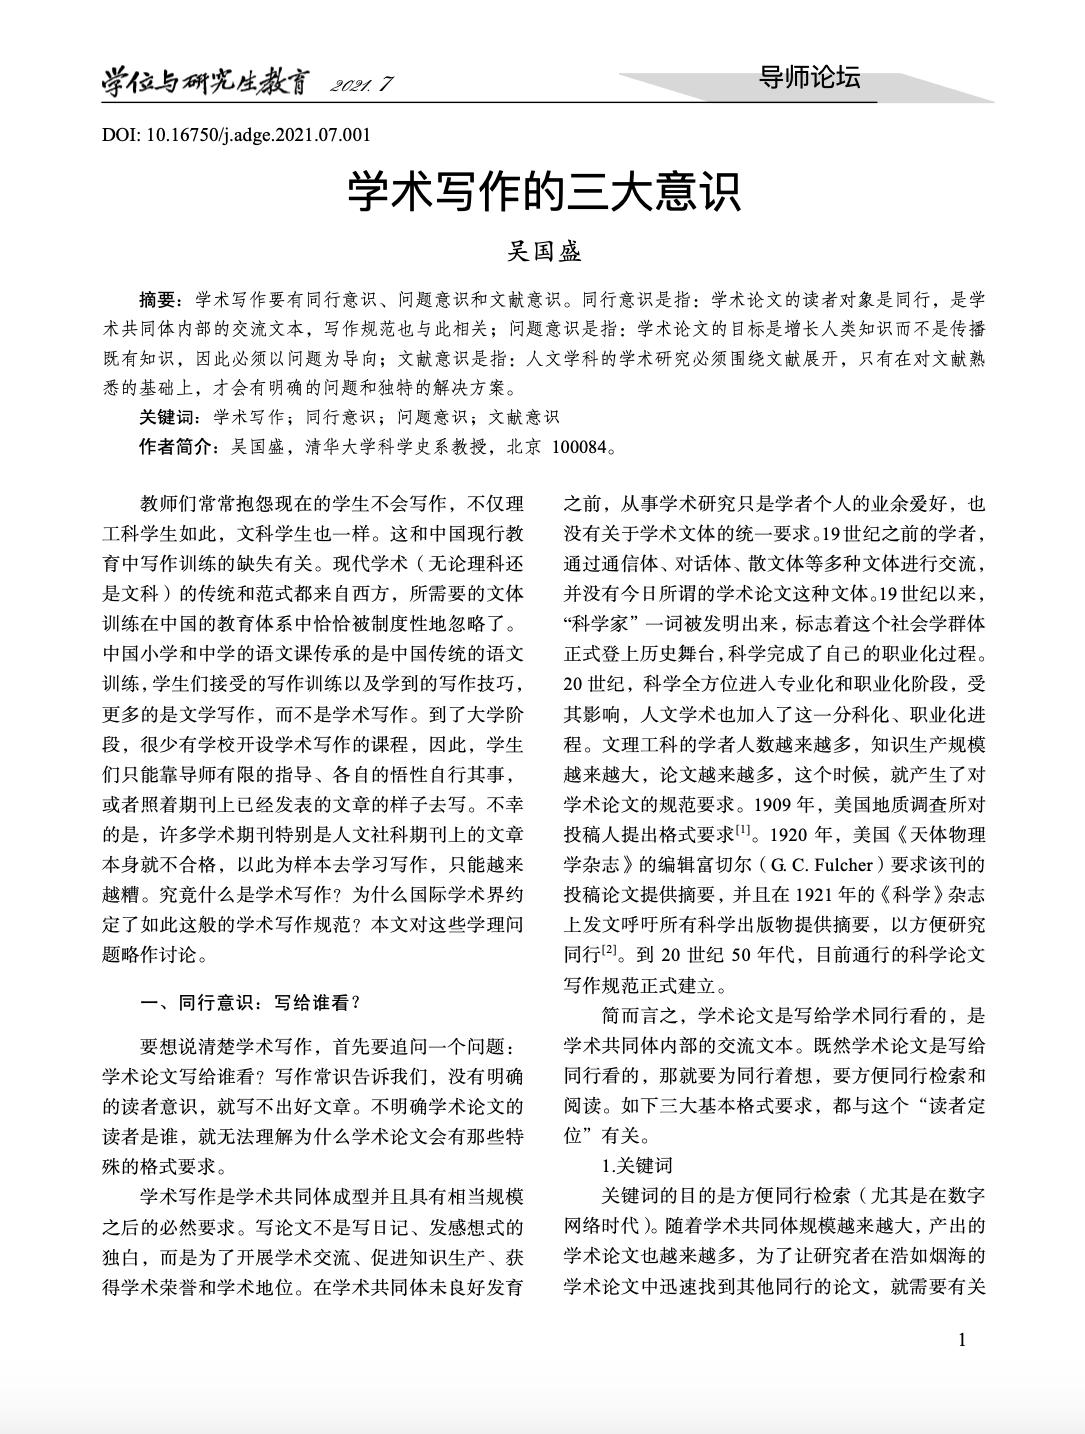 """吴国盛在《学位与研究生教育》上发表""""学术写作的三大意识"""""""